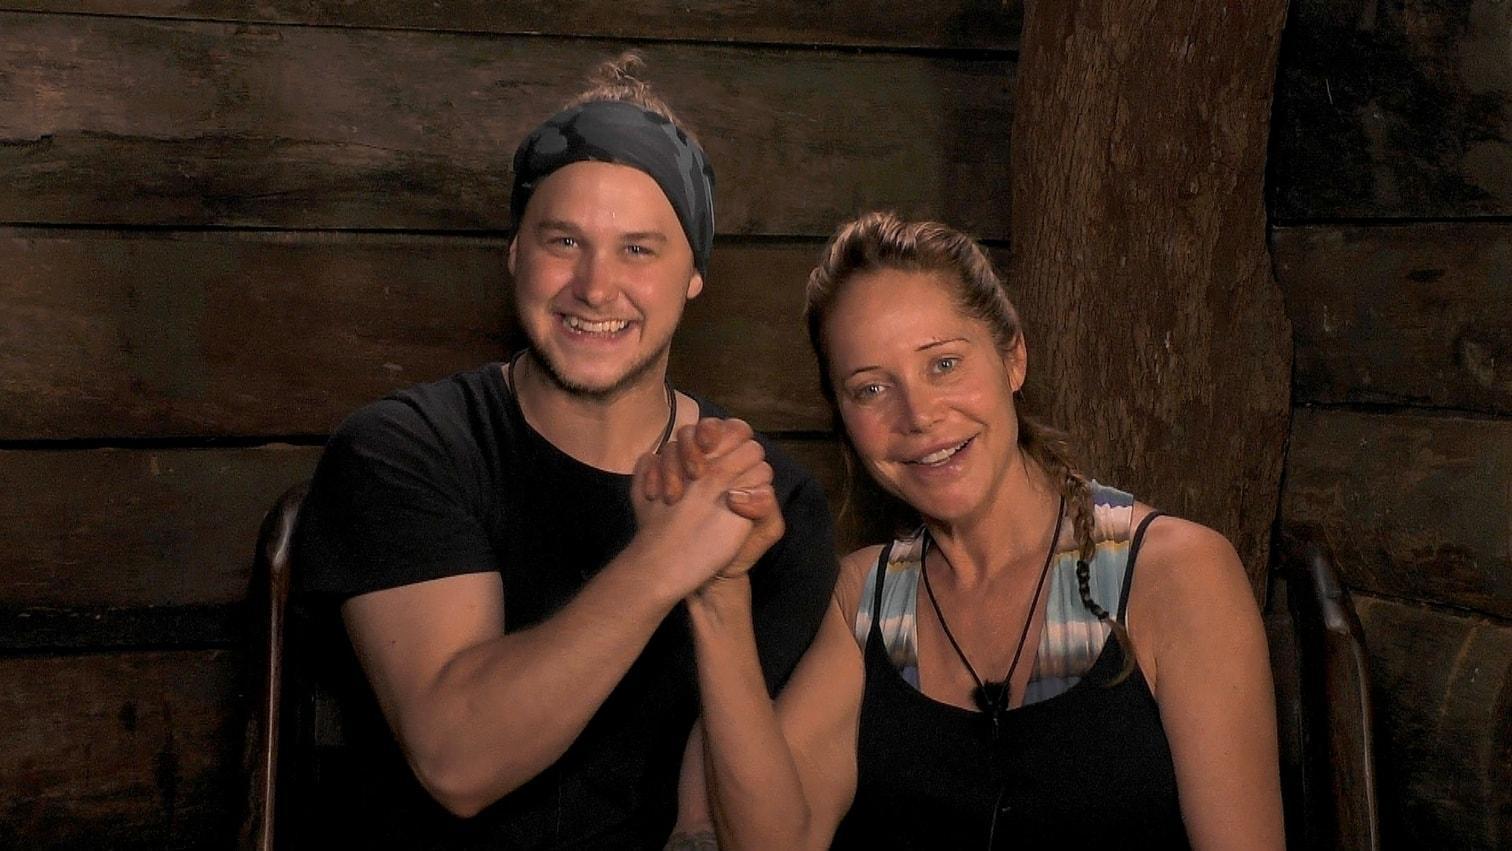 """<p>Doreen und Felix müssen gemeinsam antreten und dürfen in den """"Zircus Felido"""" (steht für Felix und Doreen).</p> Foto: TV Now / Stefan Menne"""